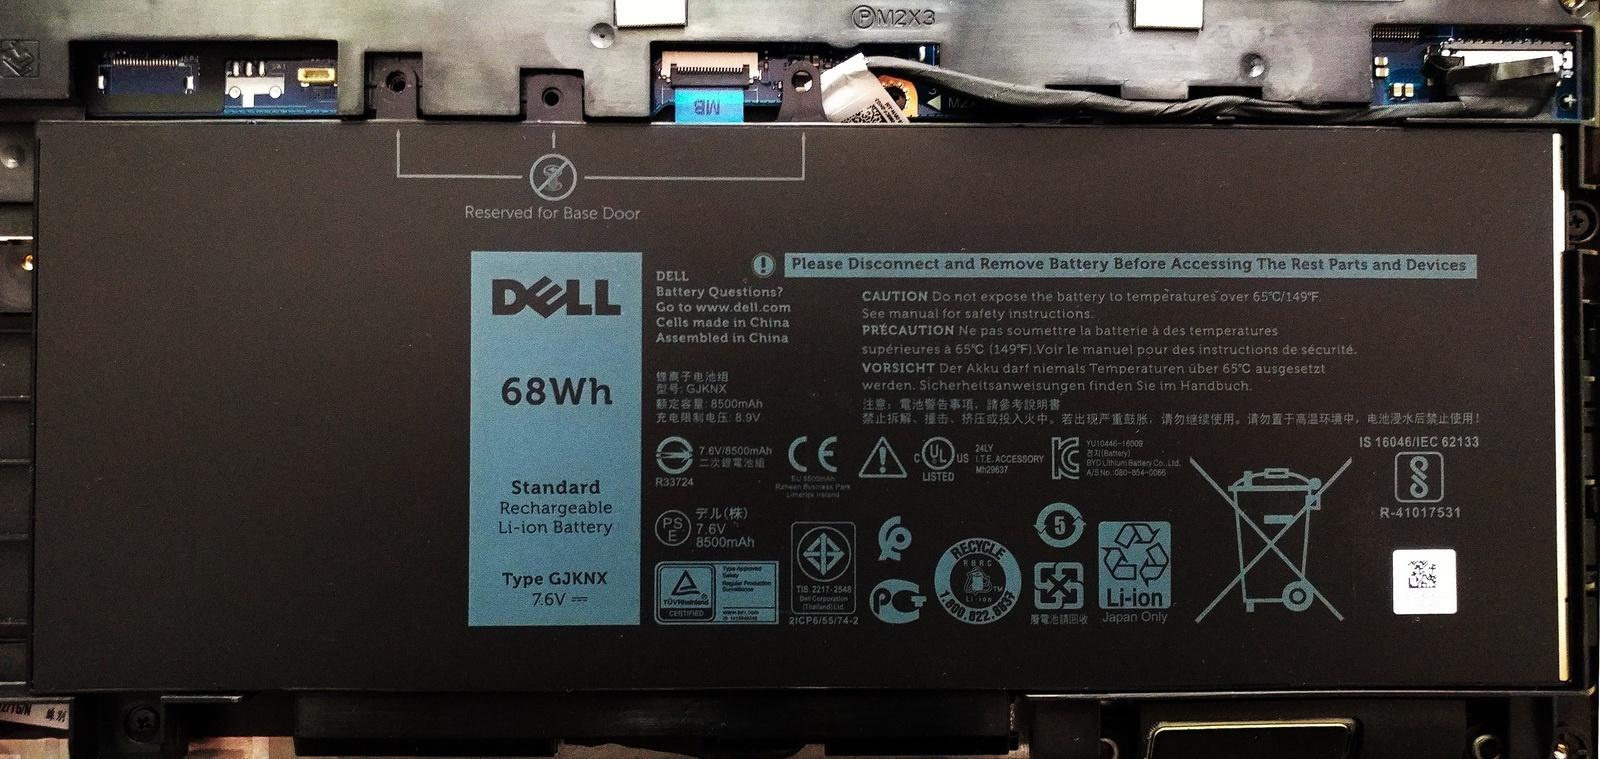 Dell Precision 15 (3520): Профессиональная рабочая станция в мобильном исполнении - 12